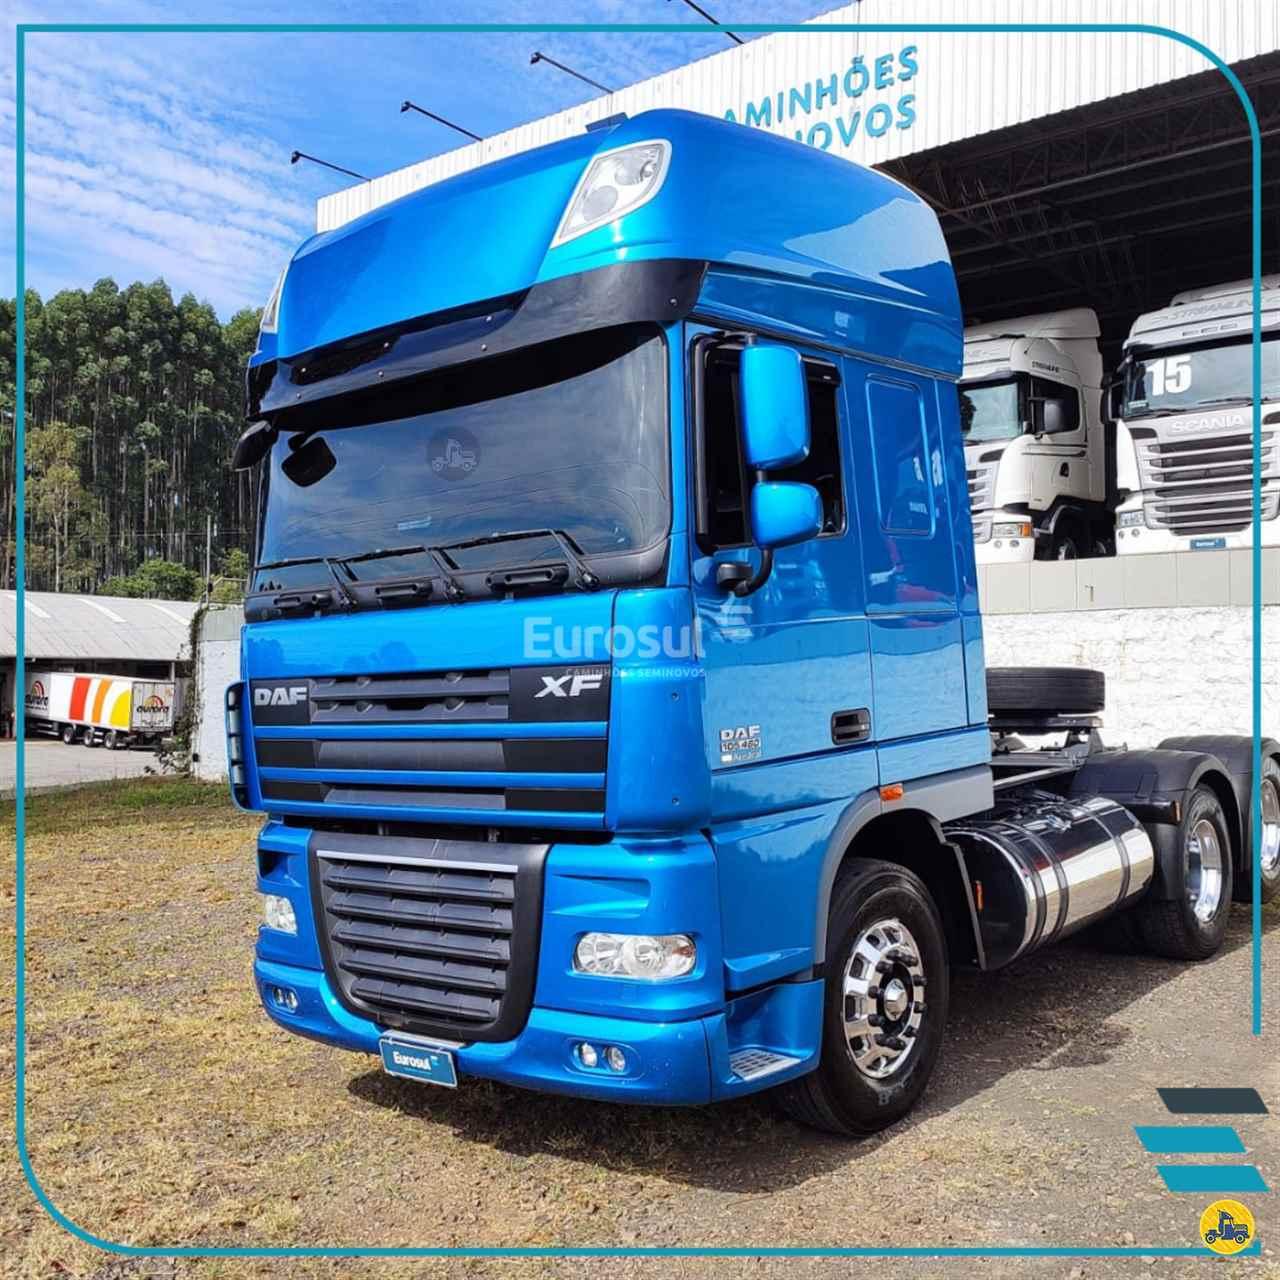 CAMINHAO DAF DAF XF105 460 Cavalo Mecânico Truck 6x2 Eurosul Caminhões Seminovos CONCORDIA SANTA CATARINA SC